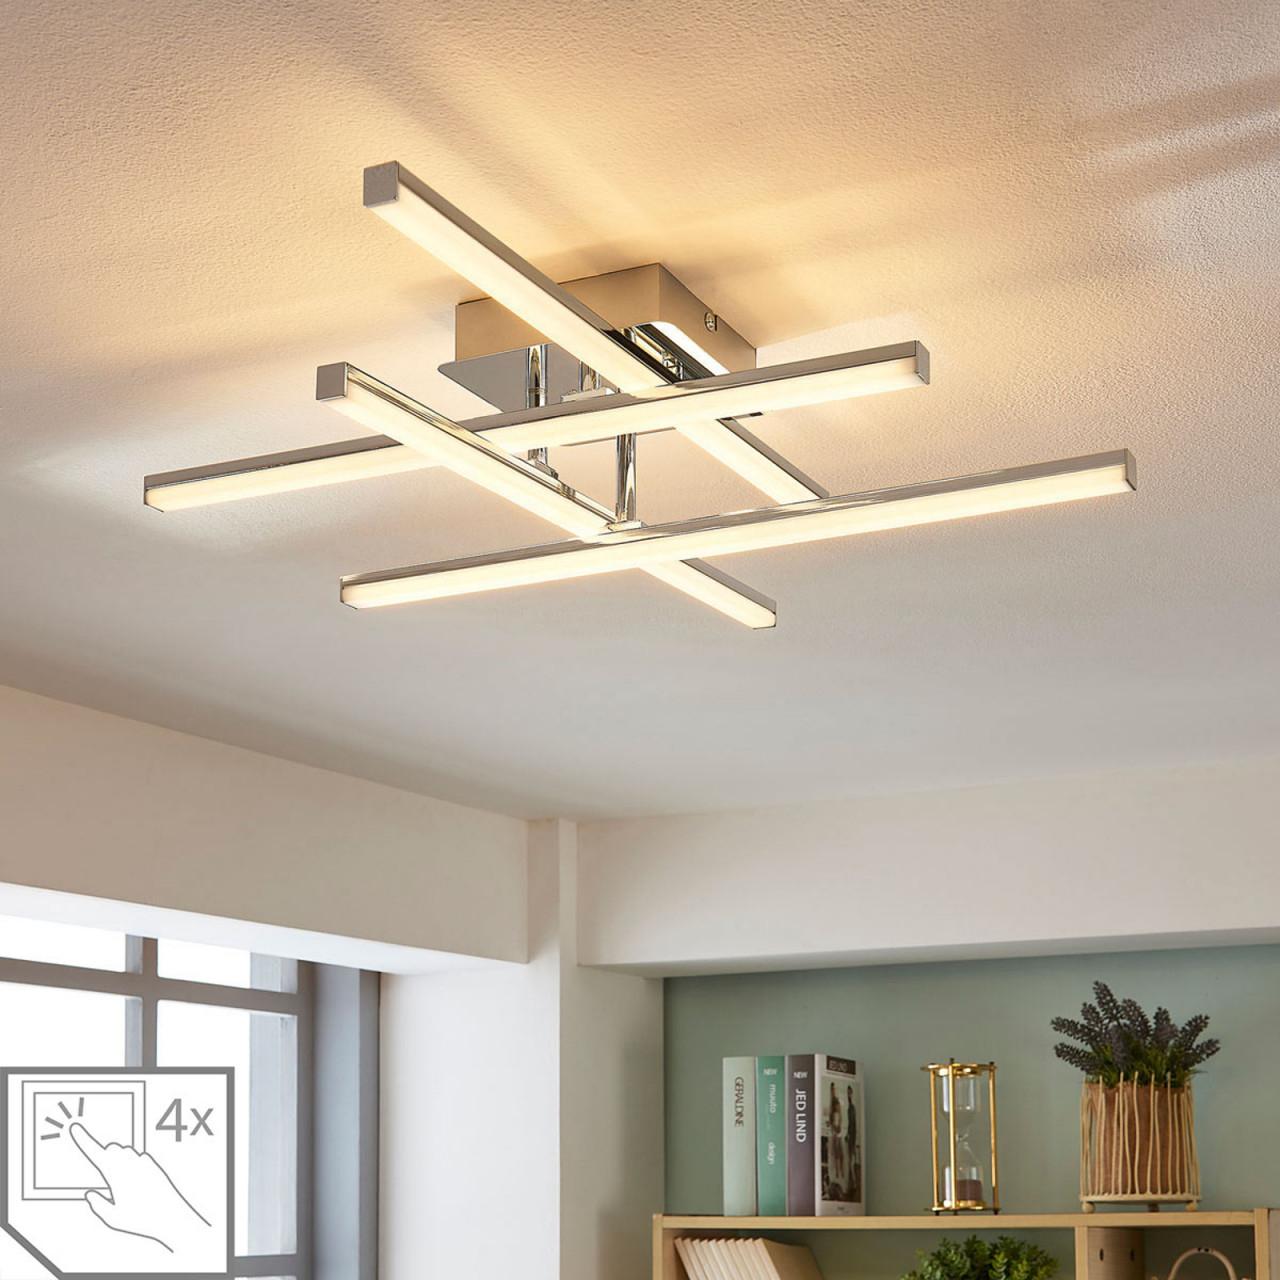 Möbel  Wohnaccessoires Küche Haushalt  Wohnen Für von Wohnzimmer Lampe Led Bild